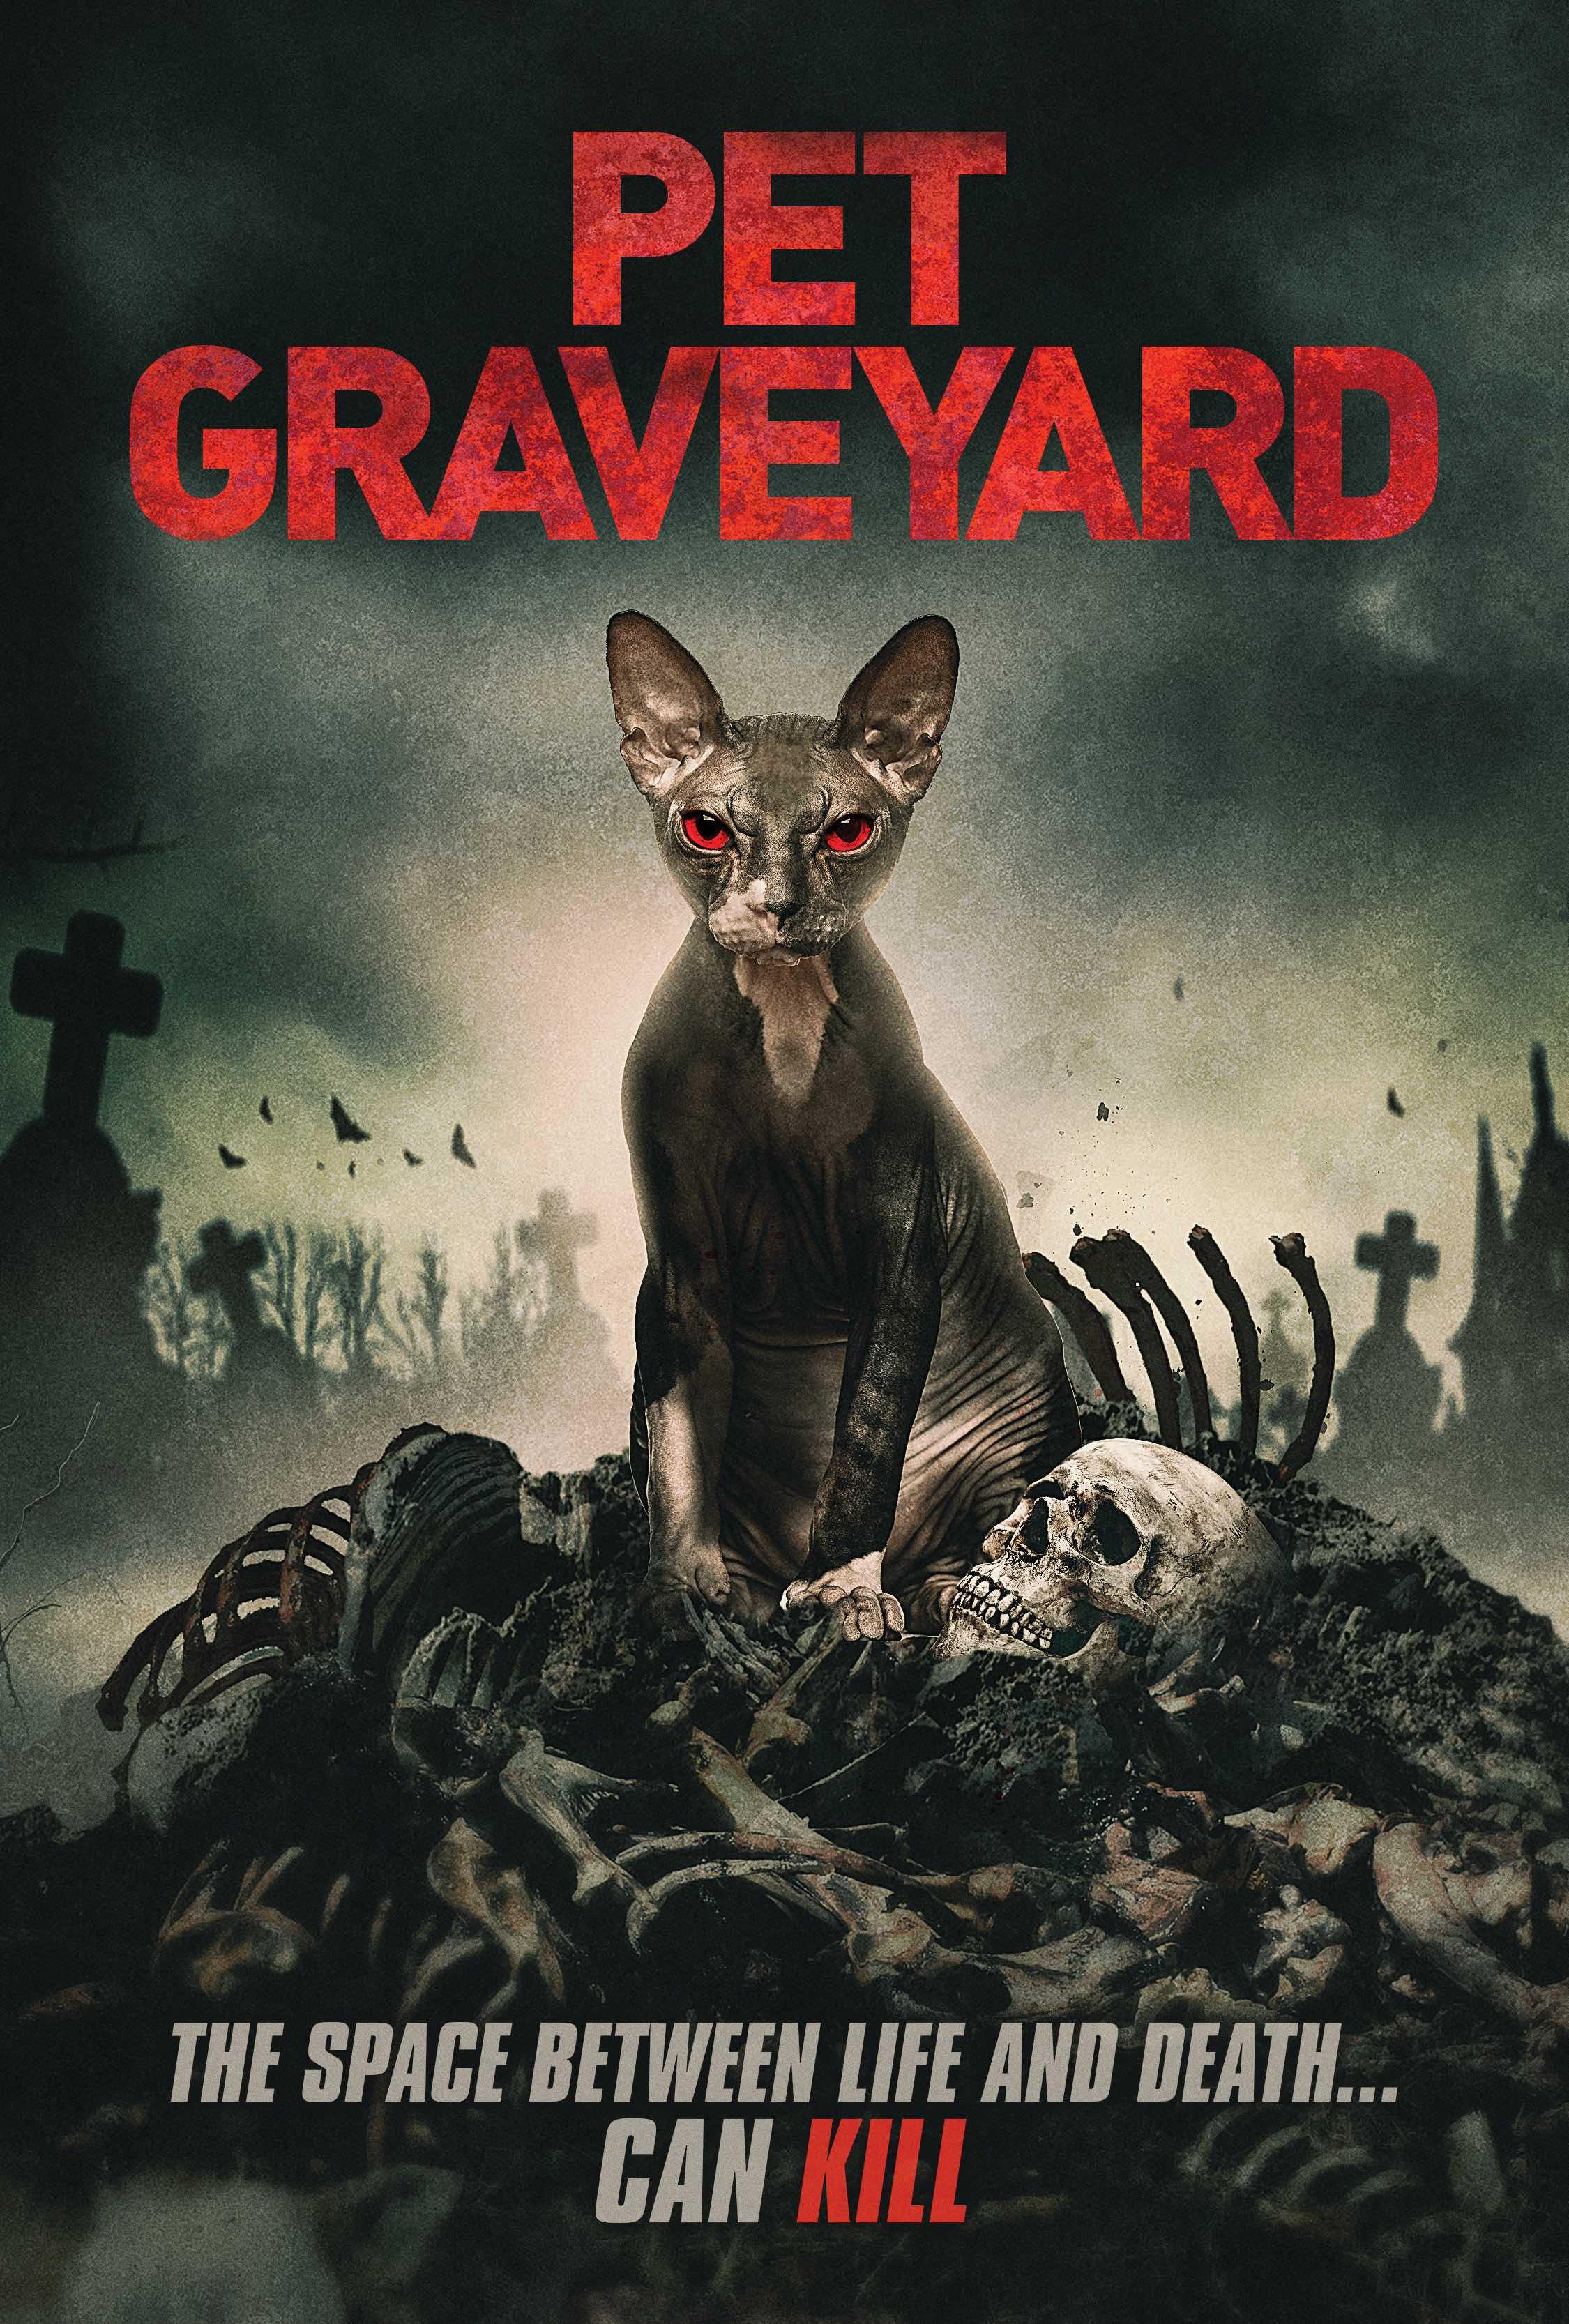 Pet Graveyard, Uncork'd Entertainment